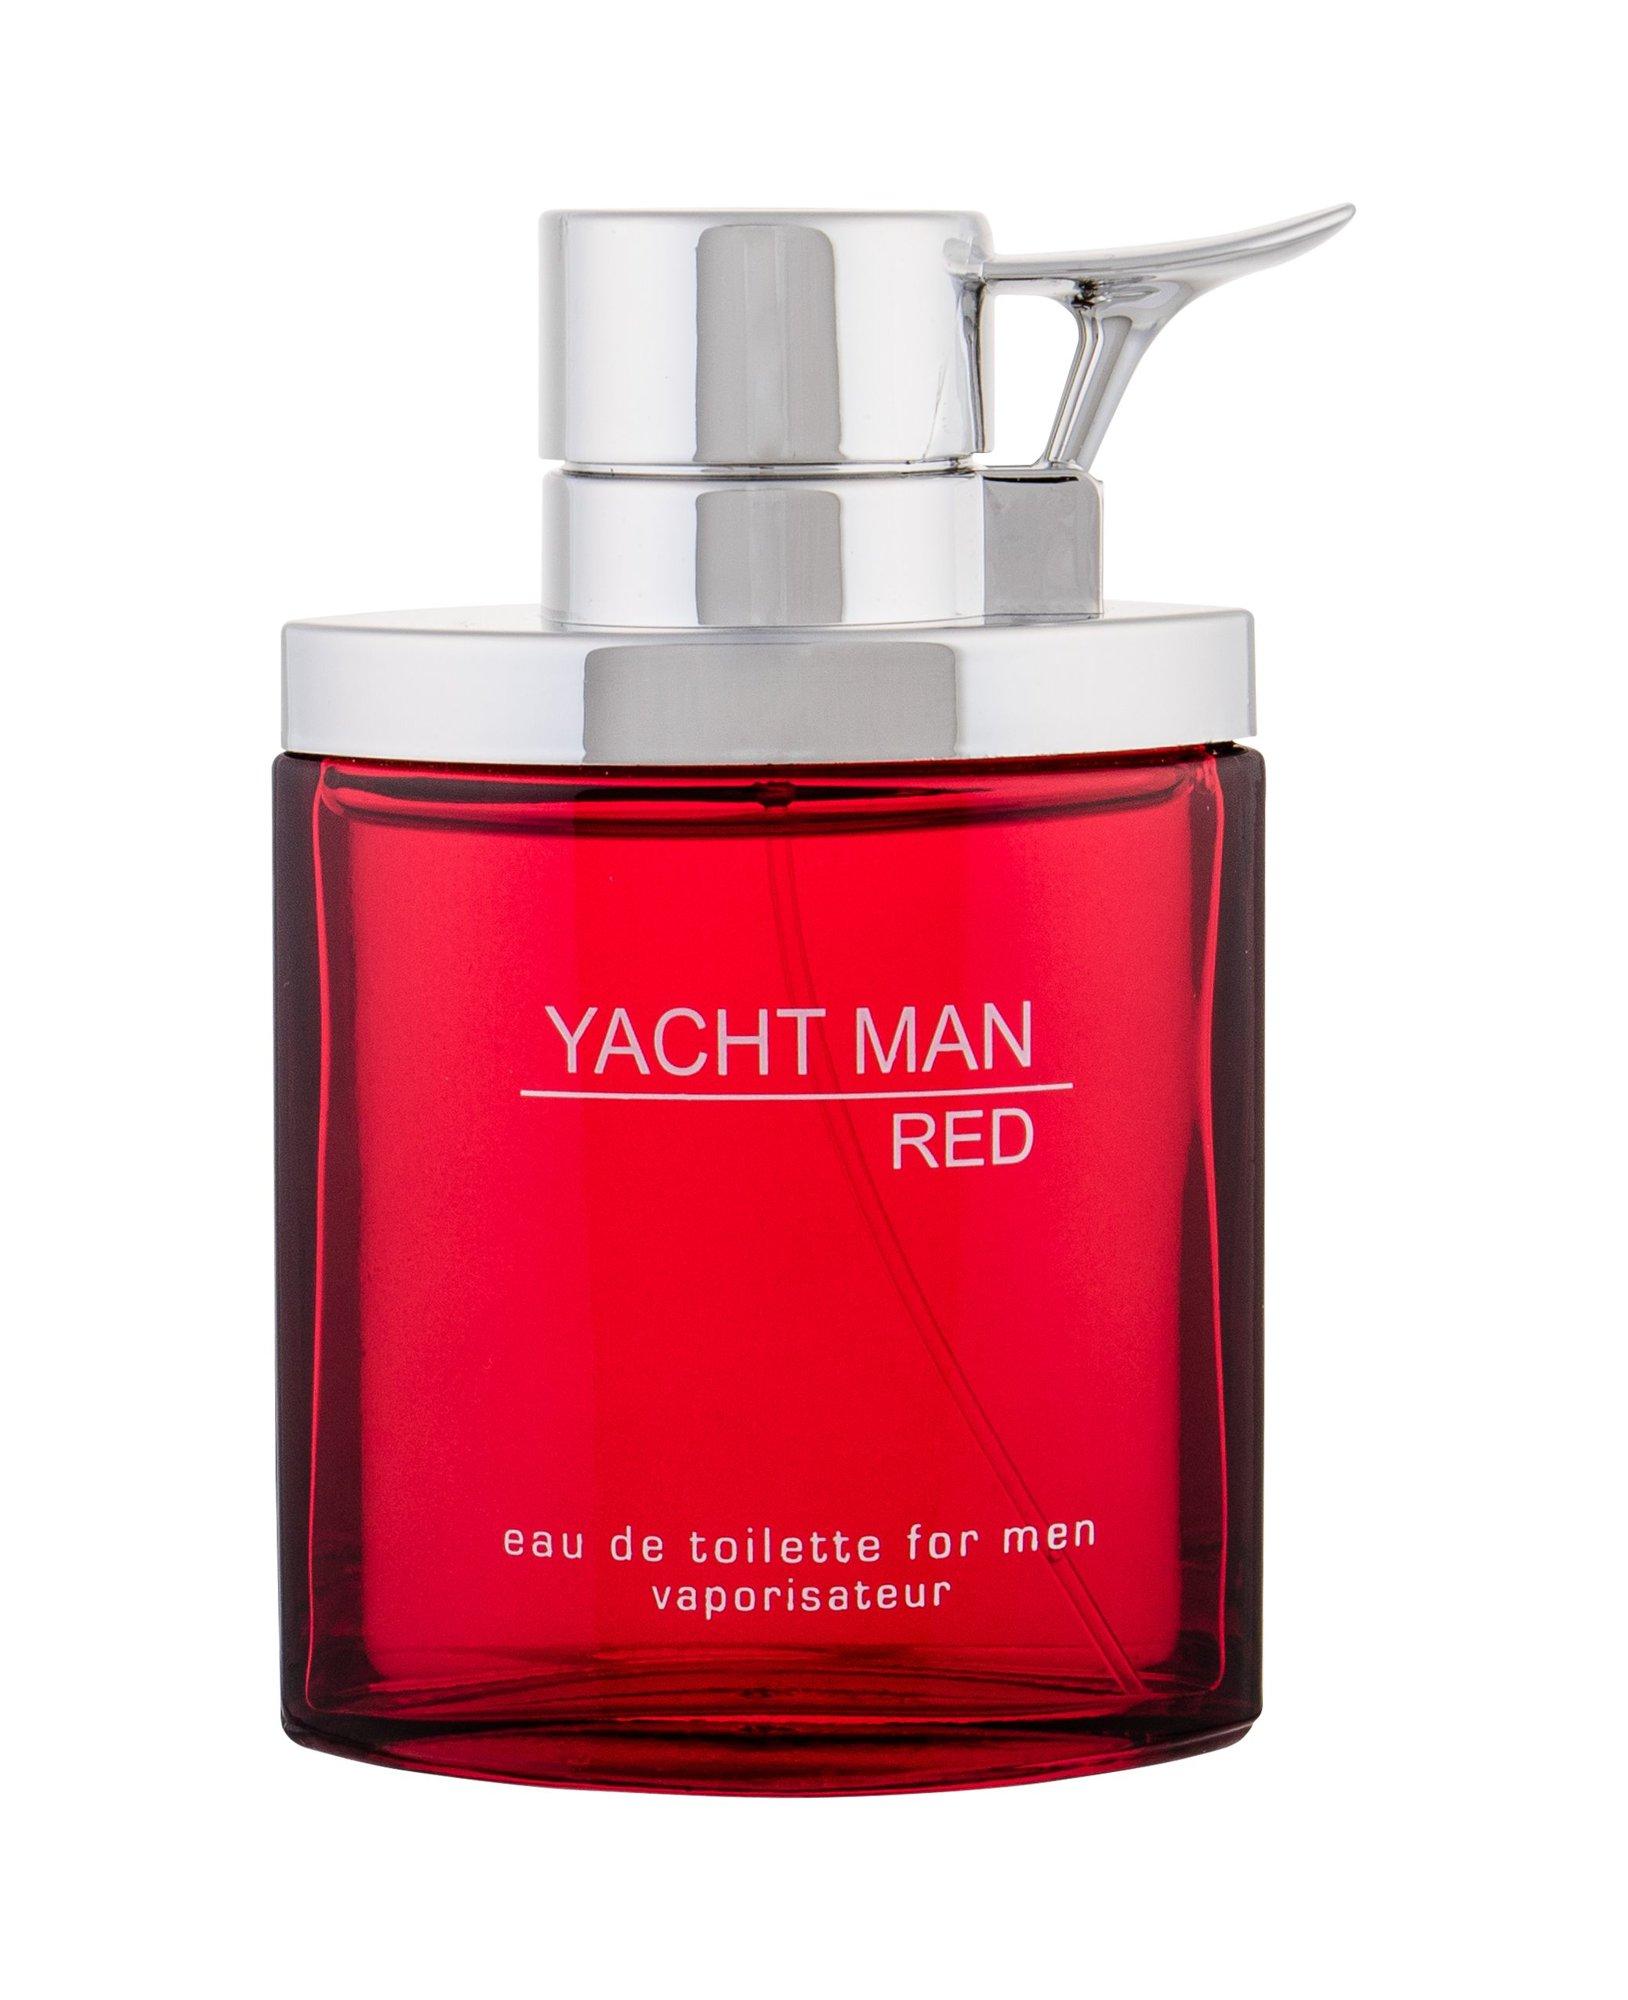 Myrurgia Yacht Man Red Eau de Toilette 100ml